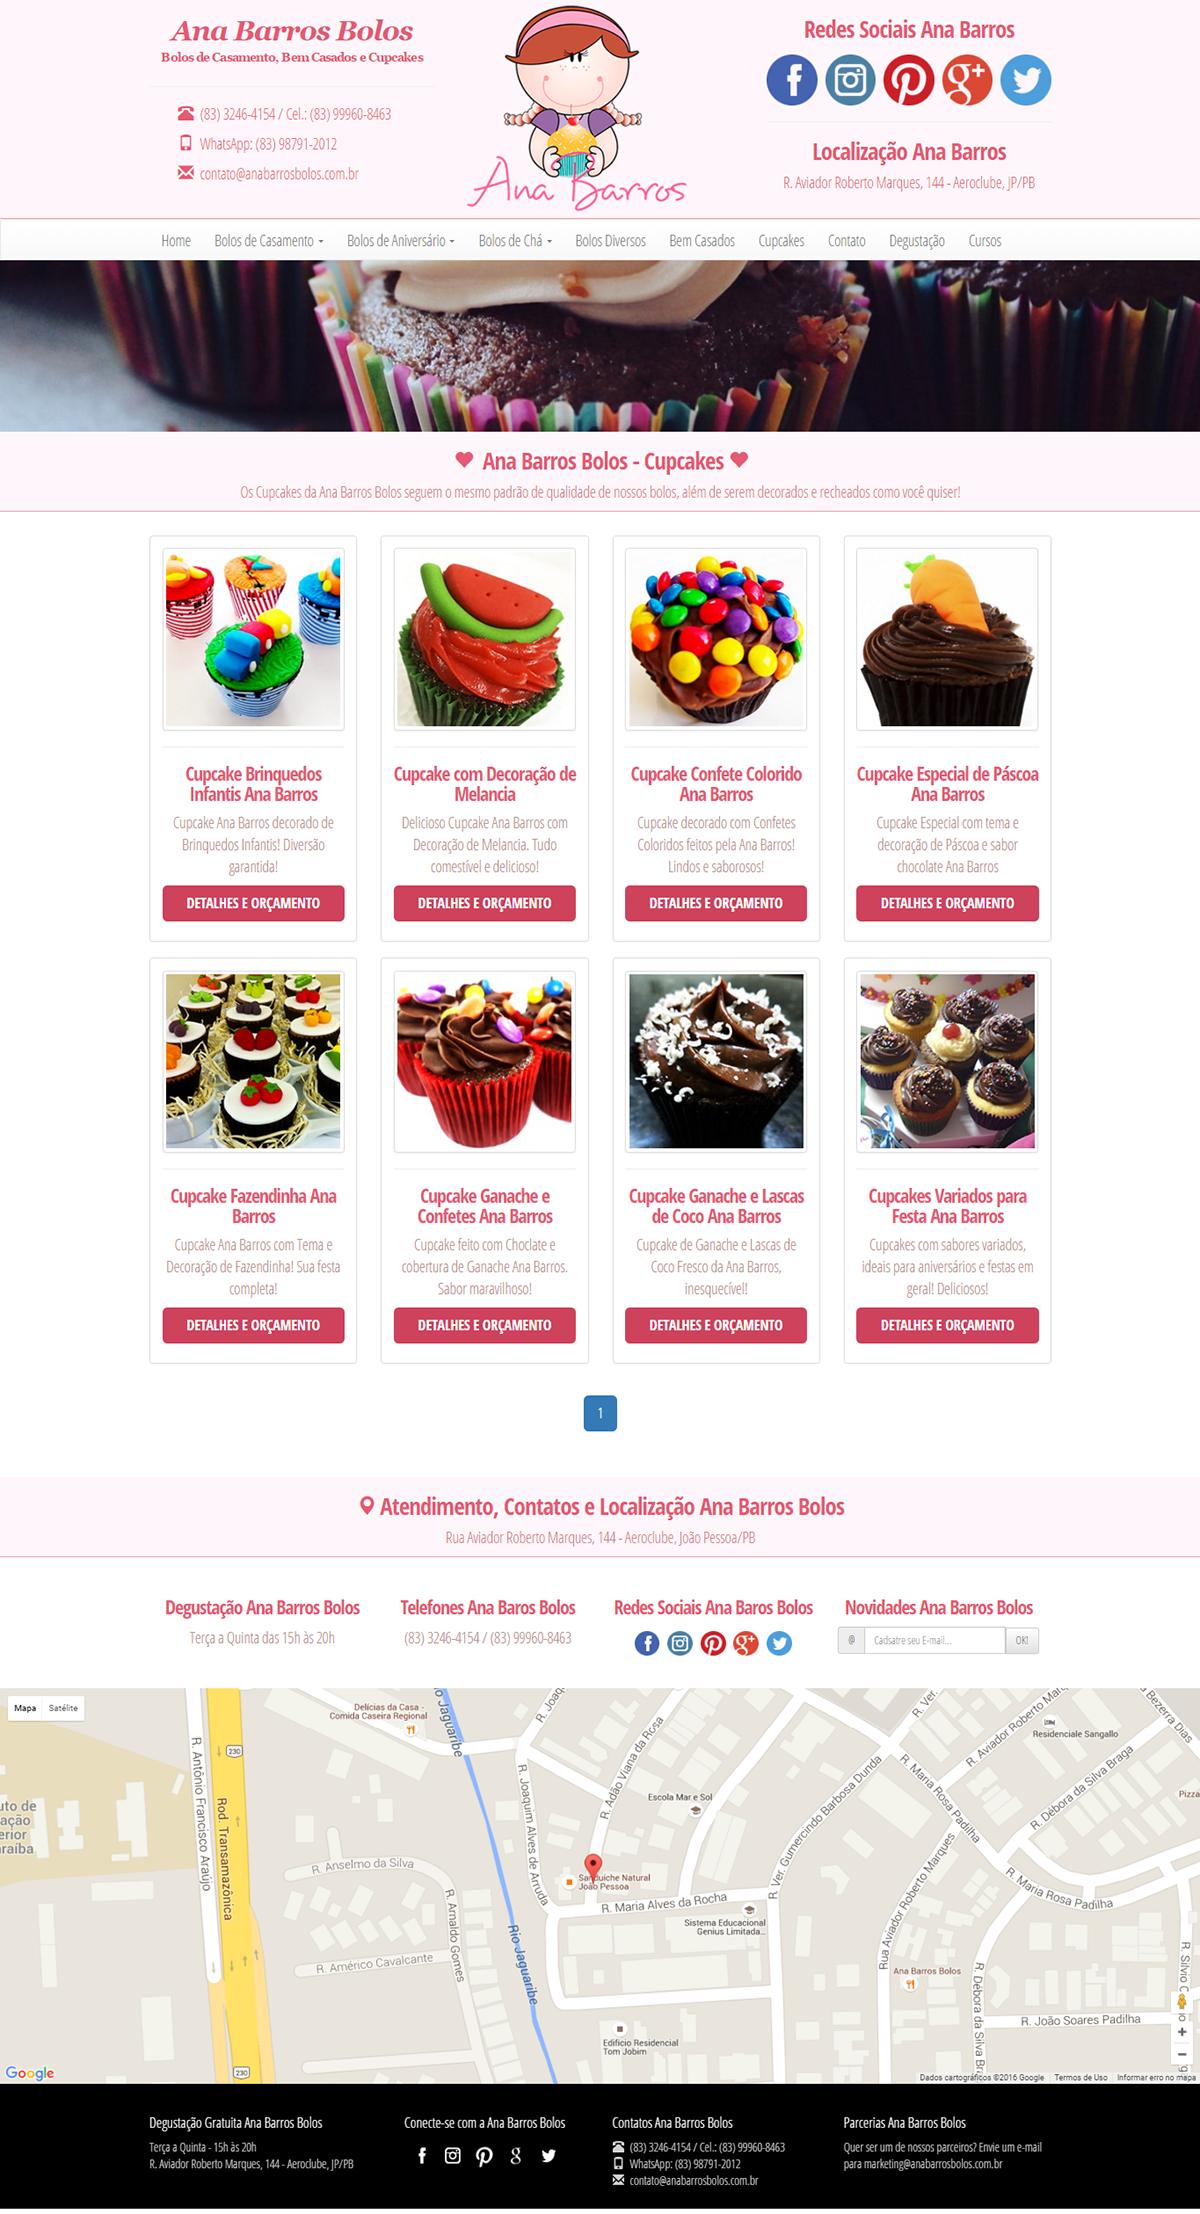 Desenvolvimento do Site - Ana Barros Bolos